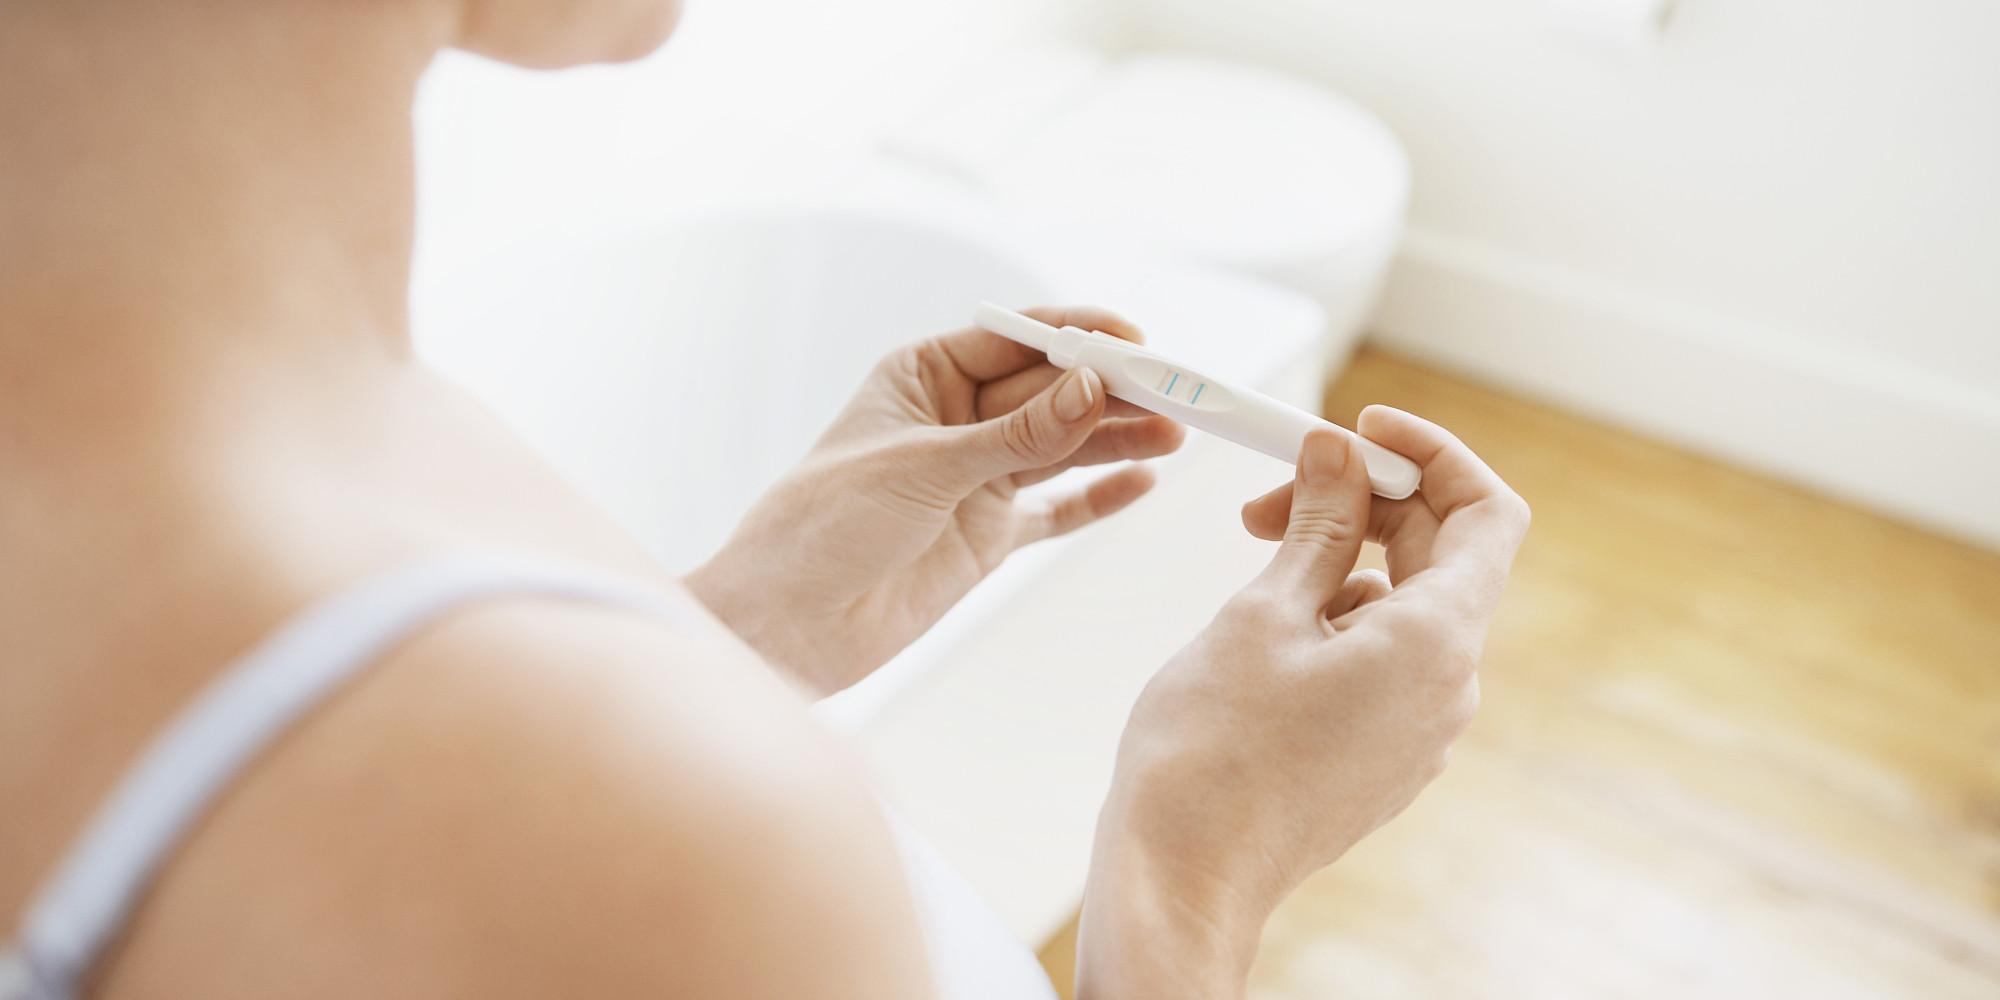 Отношение врачей к беременным женщинам